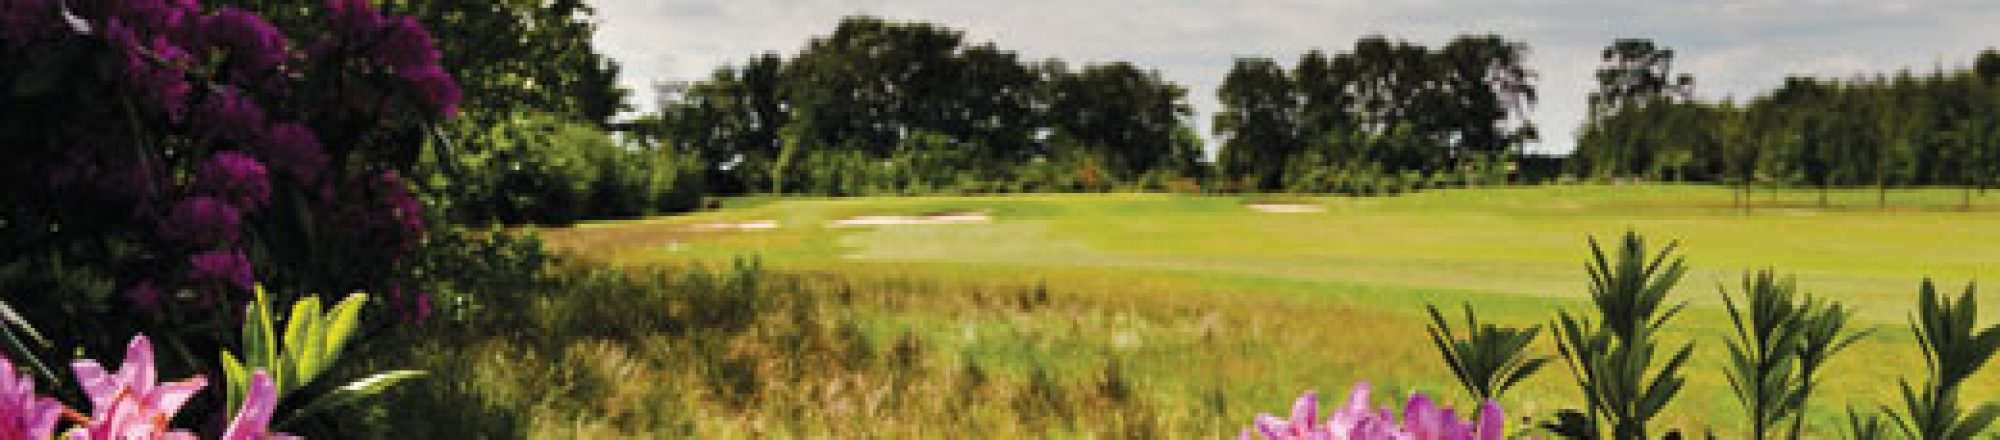 Sandburn Hall Golf Club